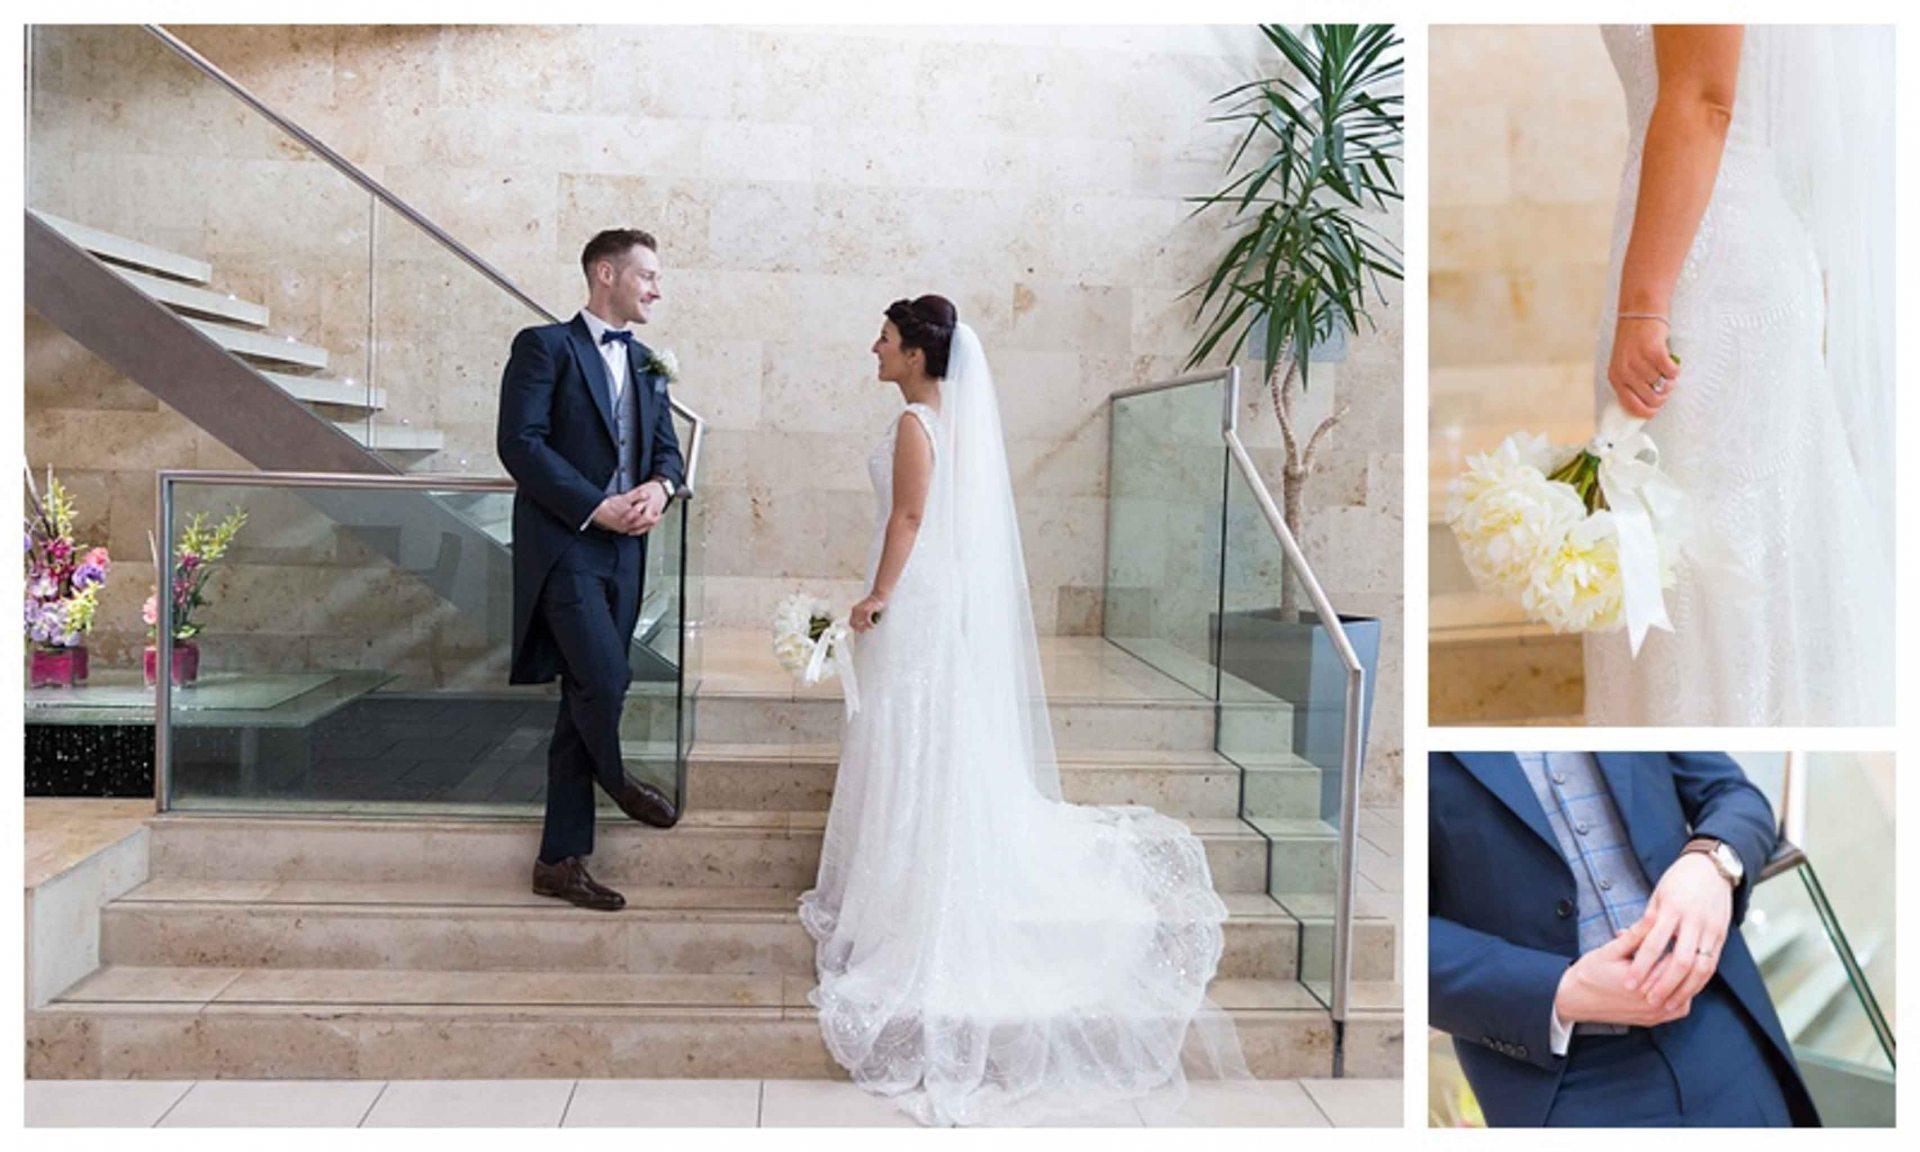 Slieve Donard Wedding Danielle & Glenn by Ricky Parker Photography-51